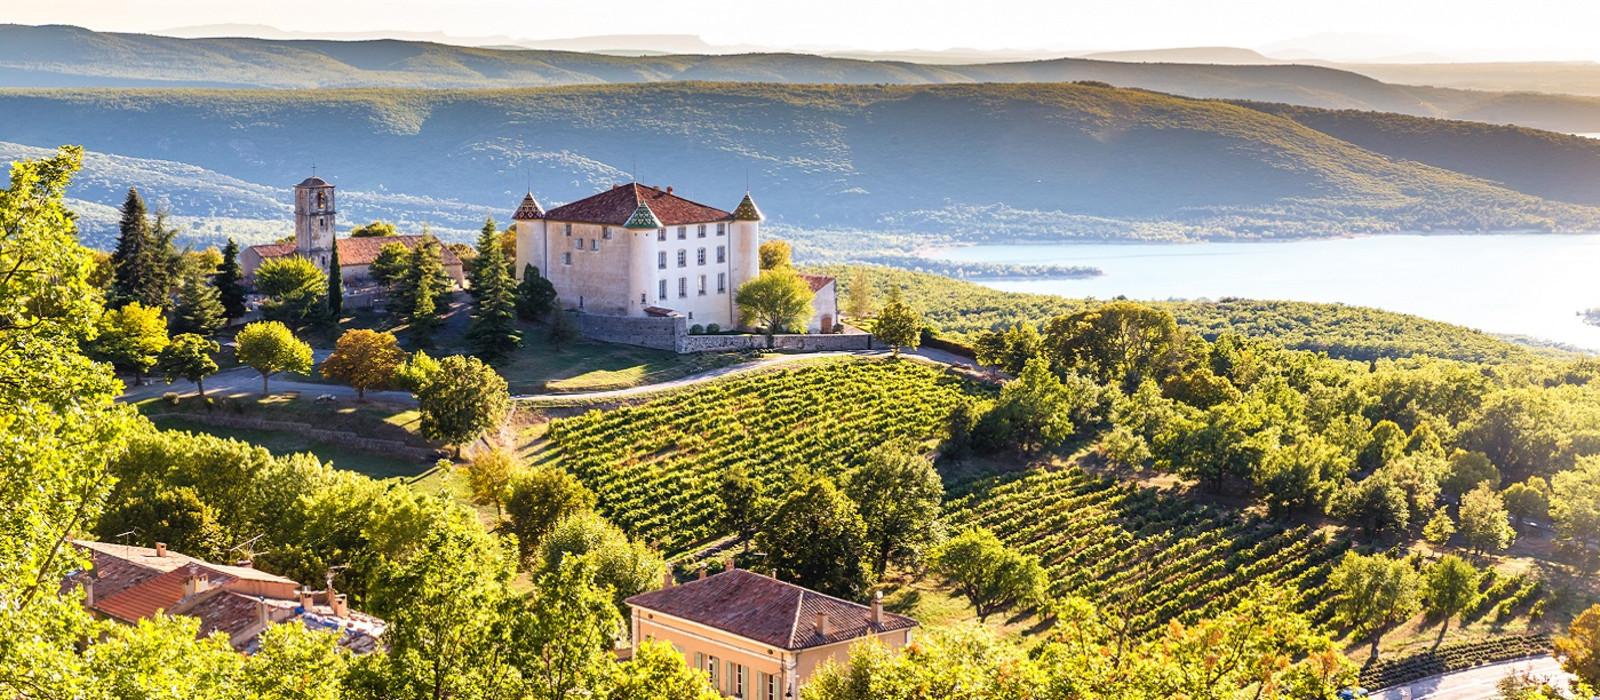 View Of Aiguines Village And Renaissance-style Chateau Overlooking Lac de Sainte Croix Lake-Alpes de Haute Provence, France